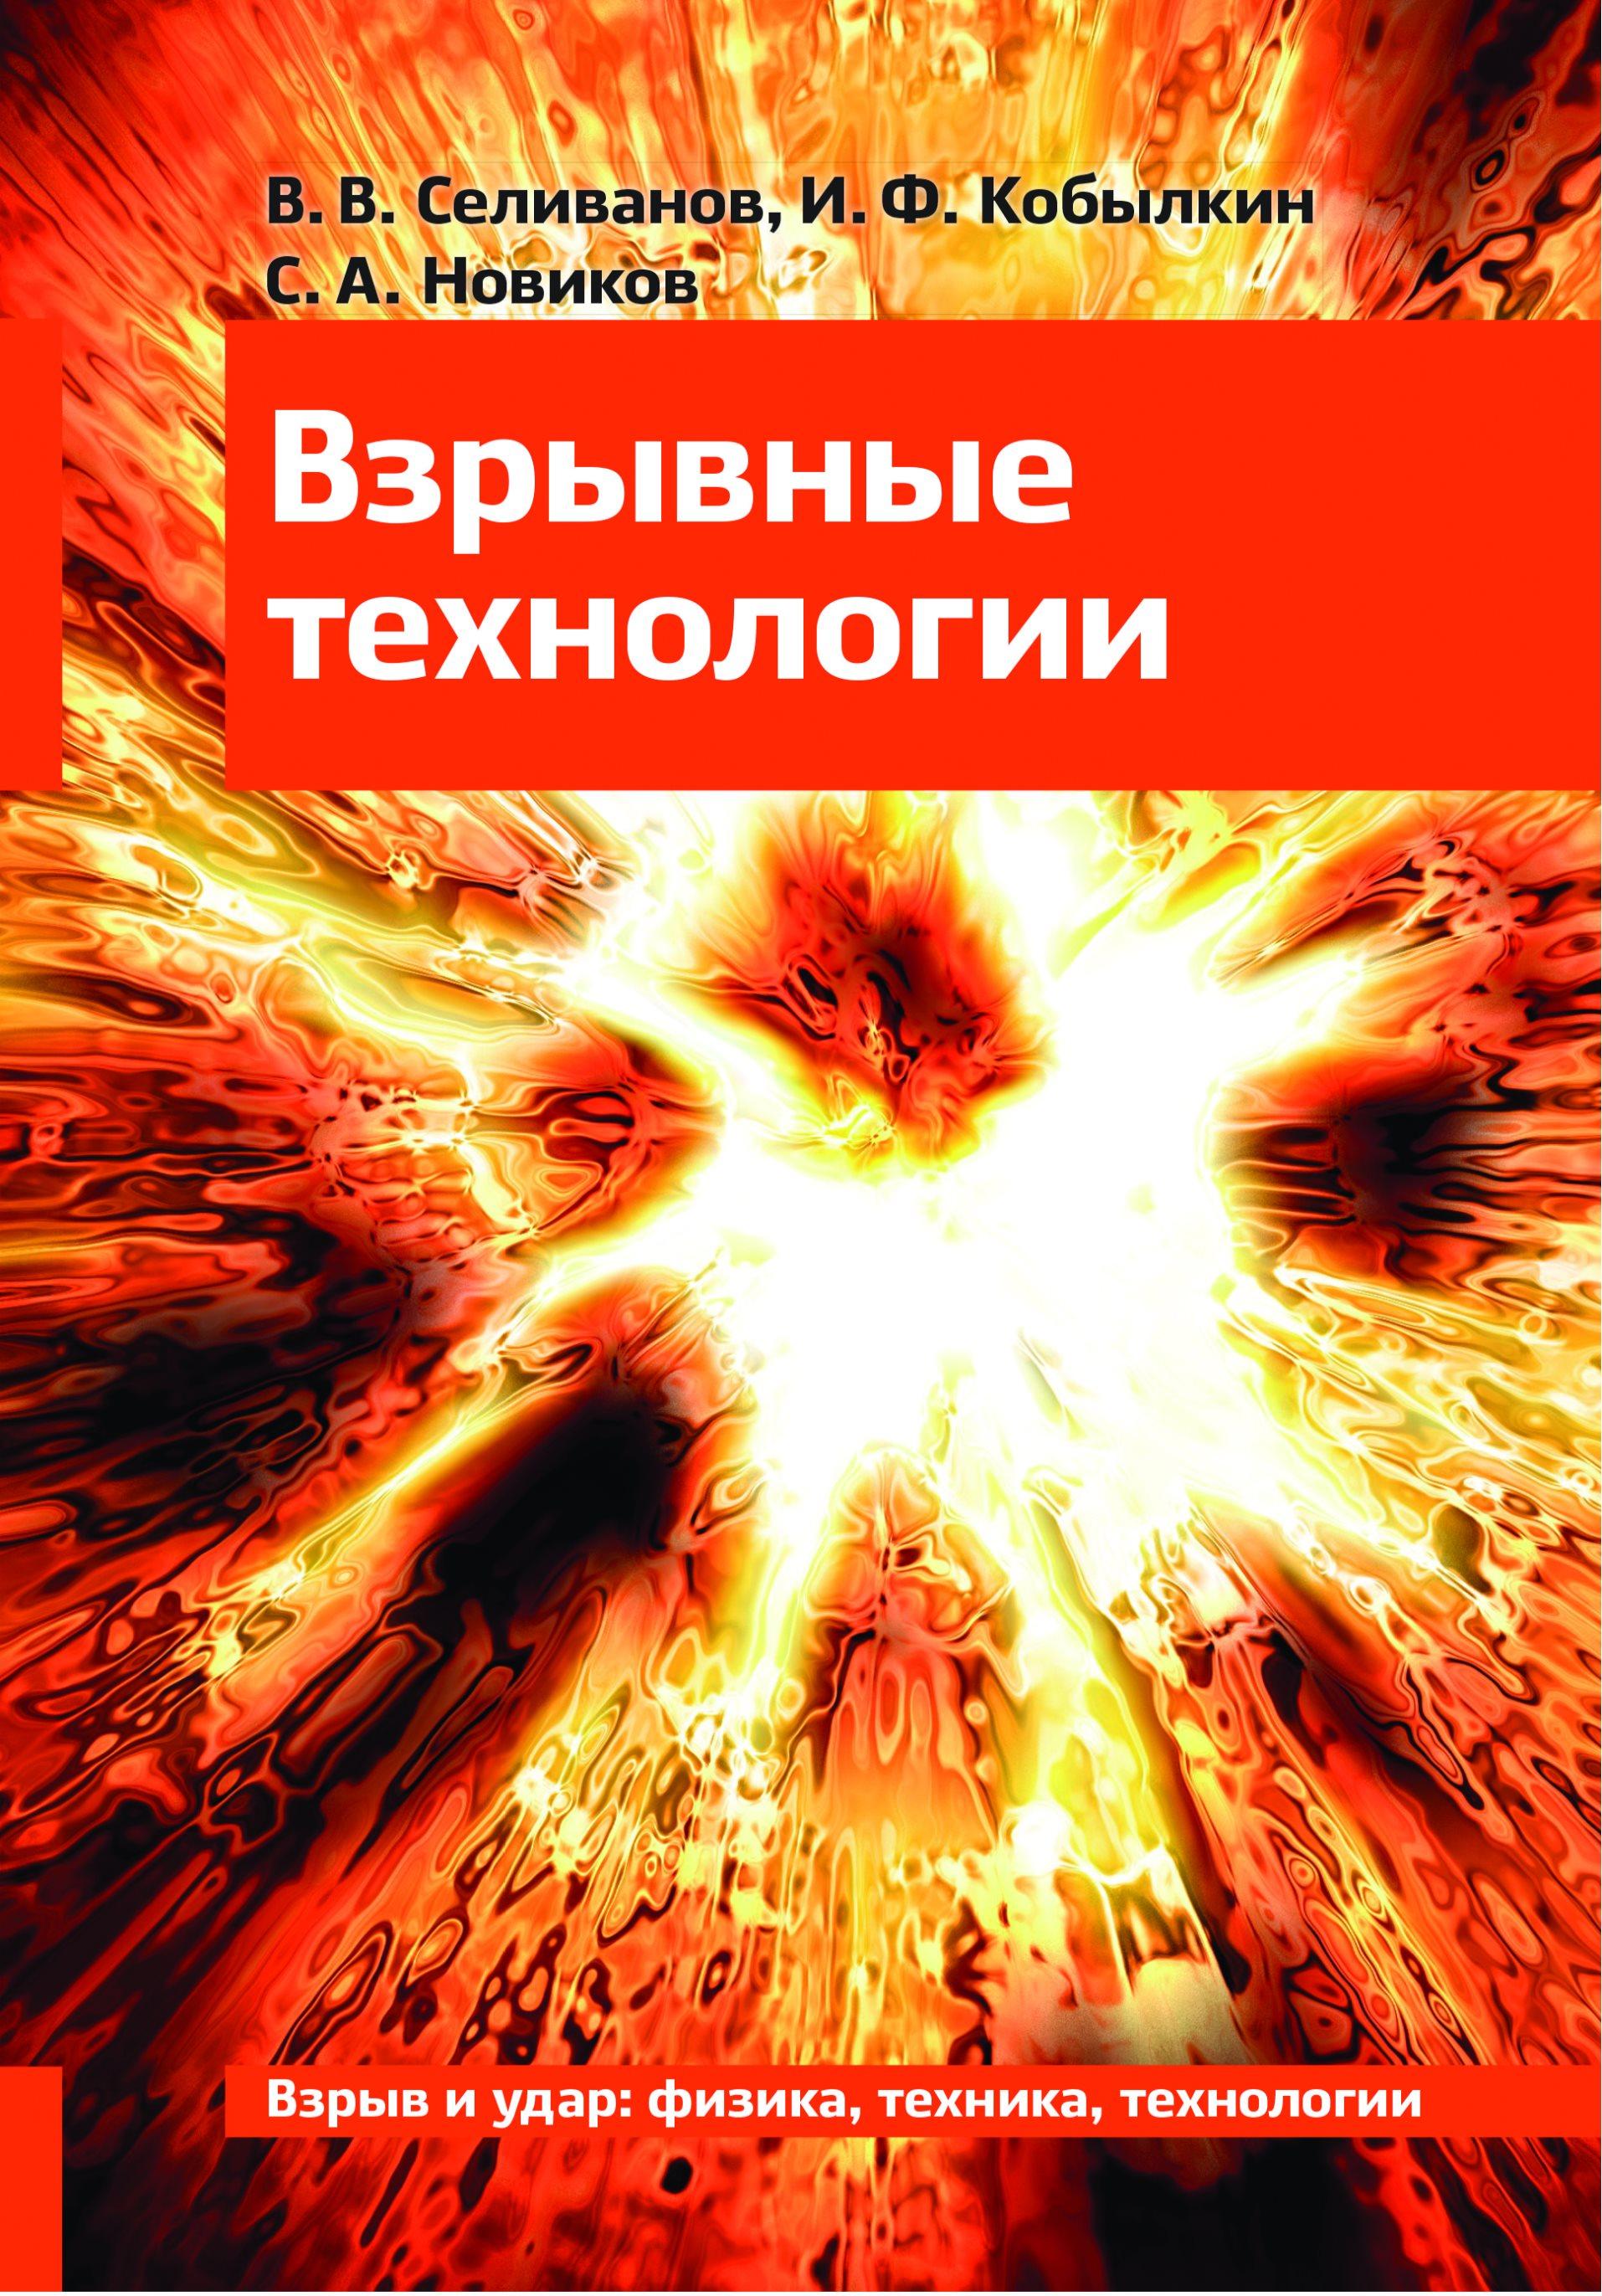 Взрывные технологии